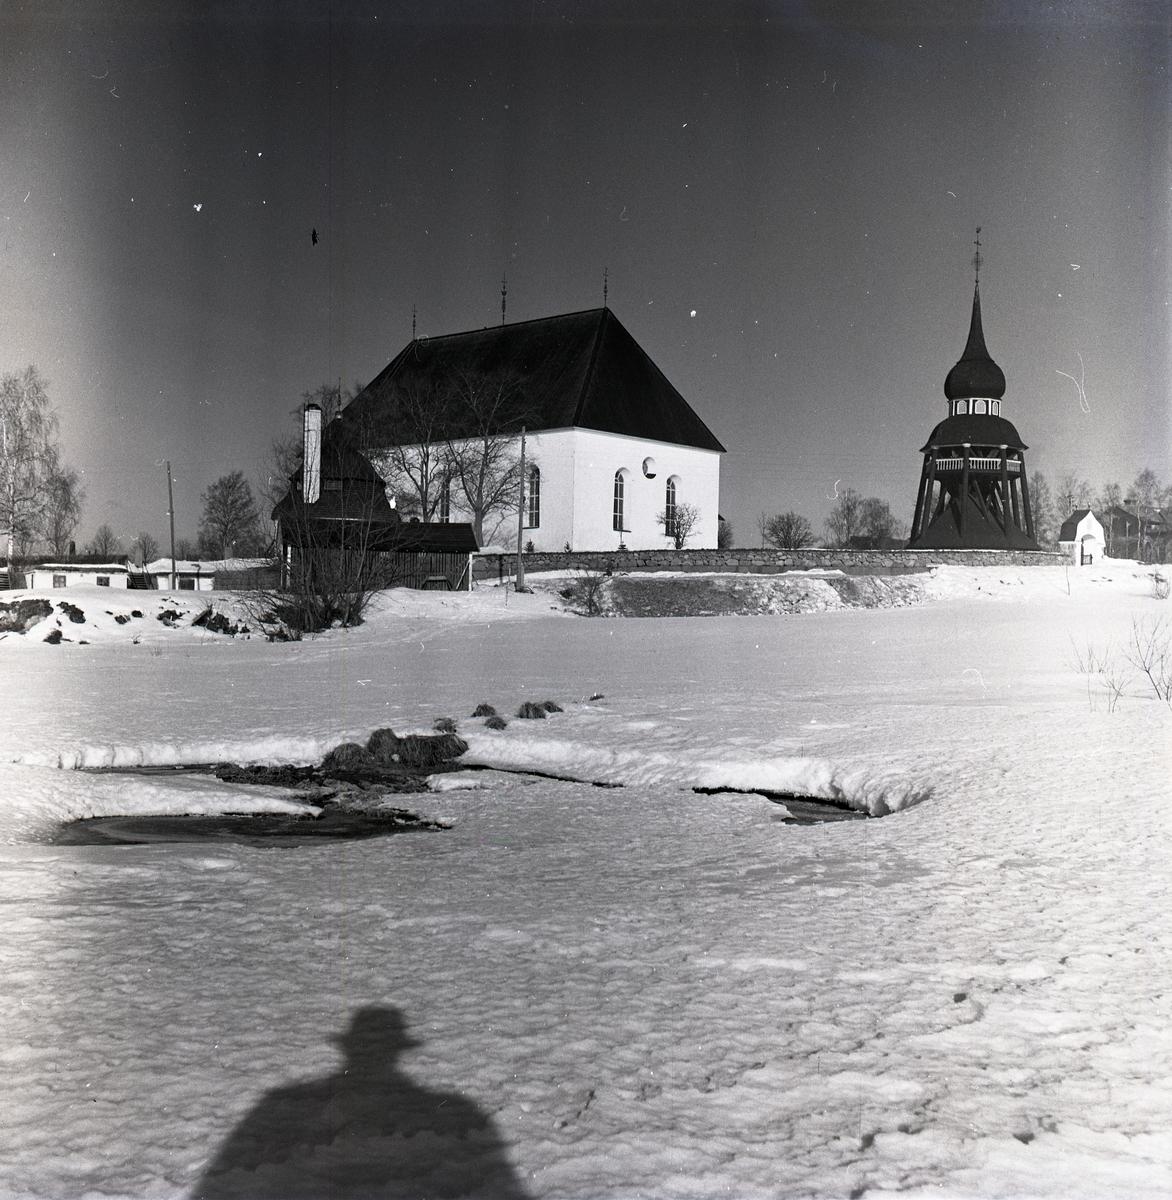 Ljusdals kyrka i vinterskrud med tillhörnade kyrktorn.